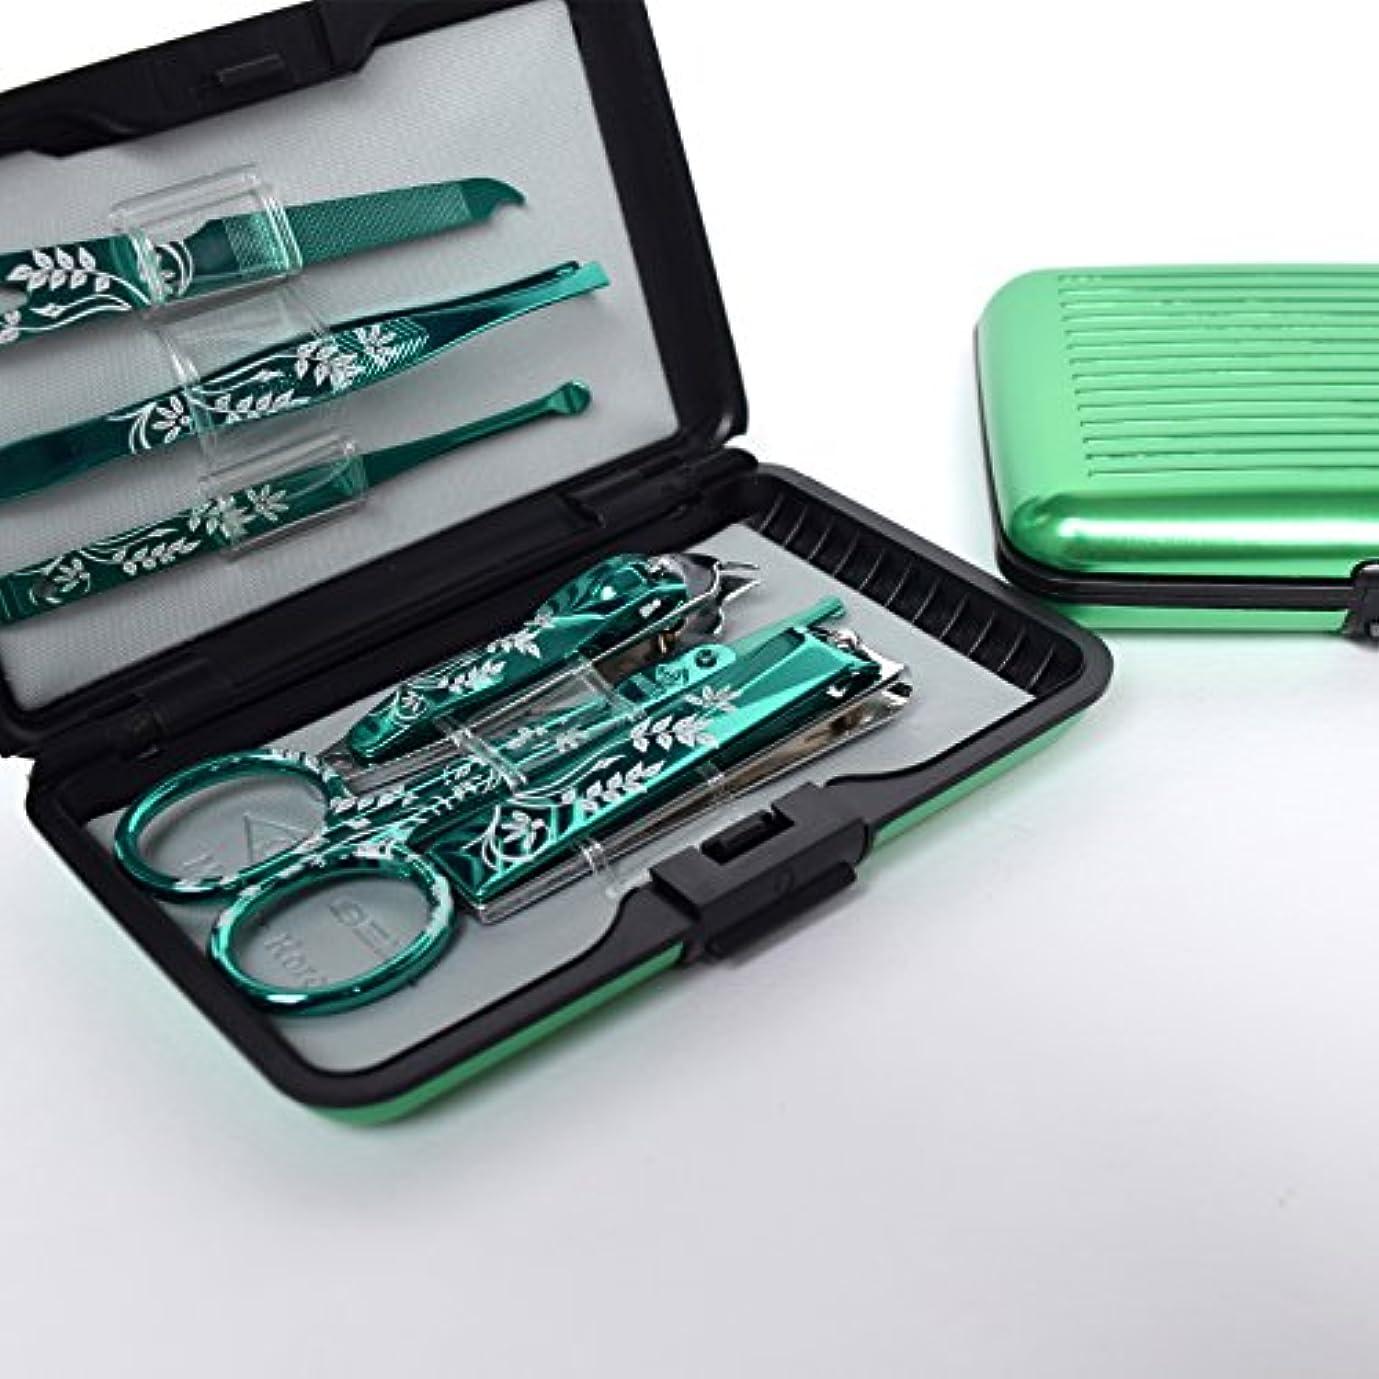 受益者ジム統治するBELL Manicure Sets BM-800A ポータブル爪の管理セット 爪切りセット 高品質のネイルケアセット花モチーフのイラストデザイン Portable Nail Clippers Nail Care Set